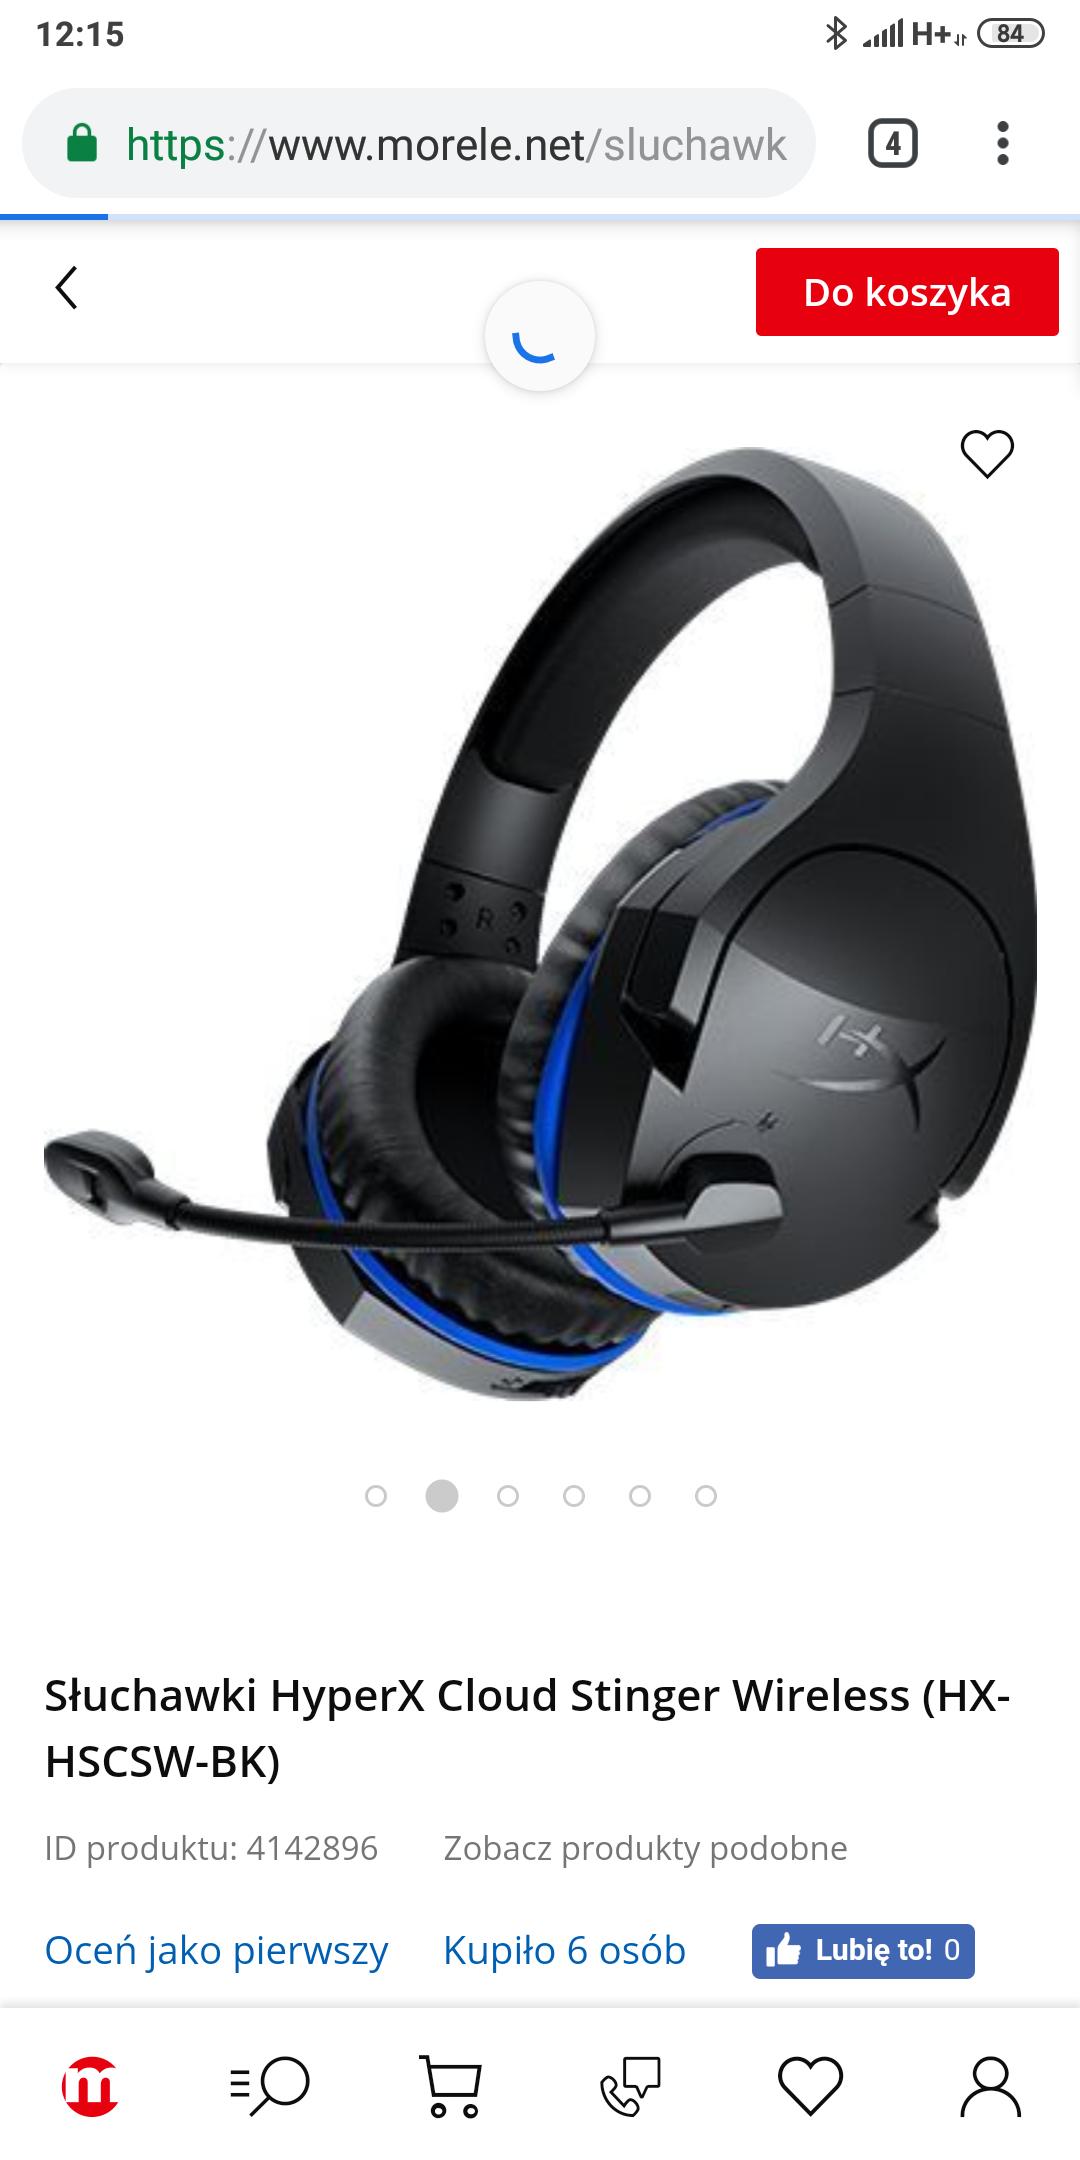 Słuchawki HyperX Cloud Stinger Wireless